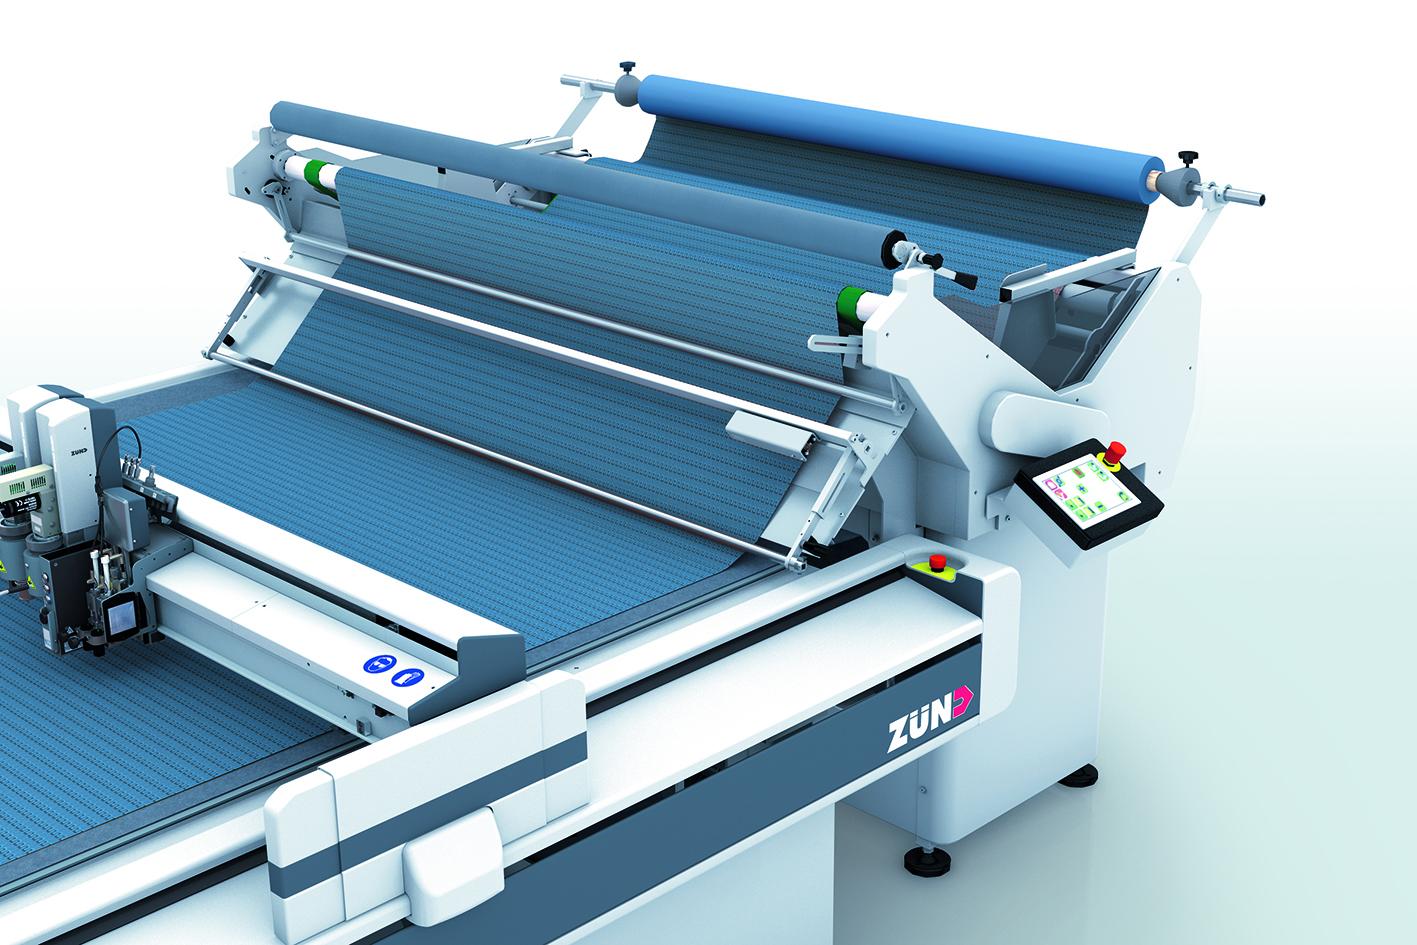 Подаване на текстилен материал без намачкване: Zünd въвежда Cradle Feeder - устройство за текстил